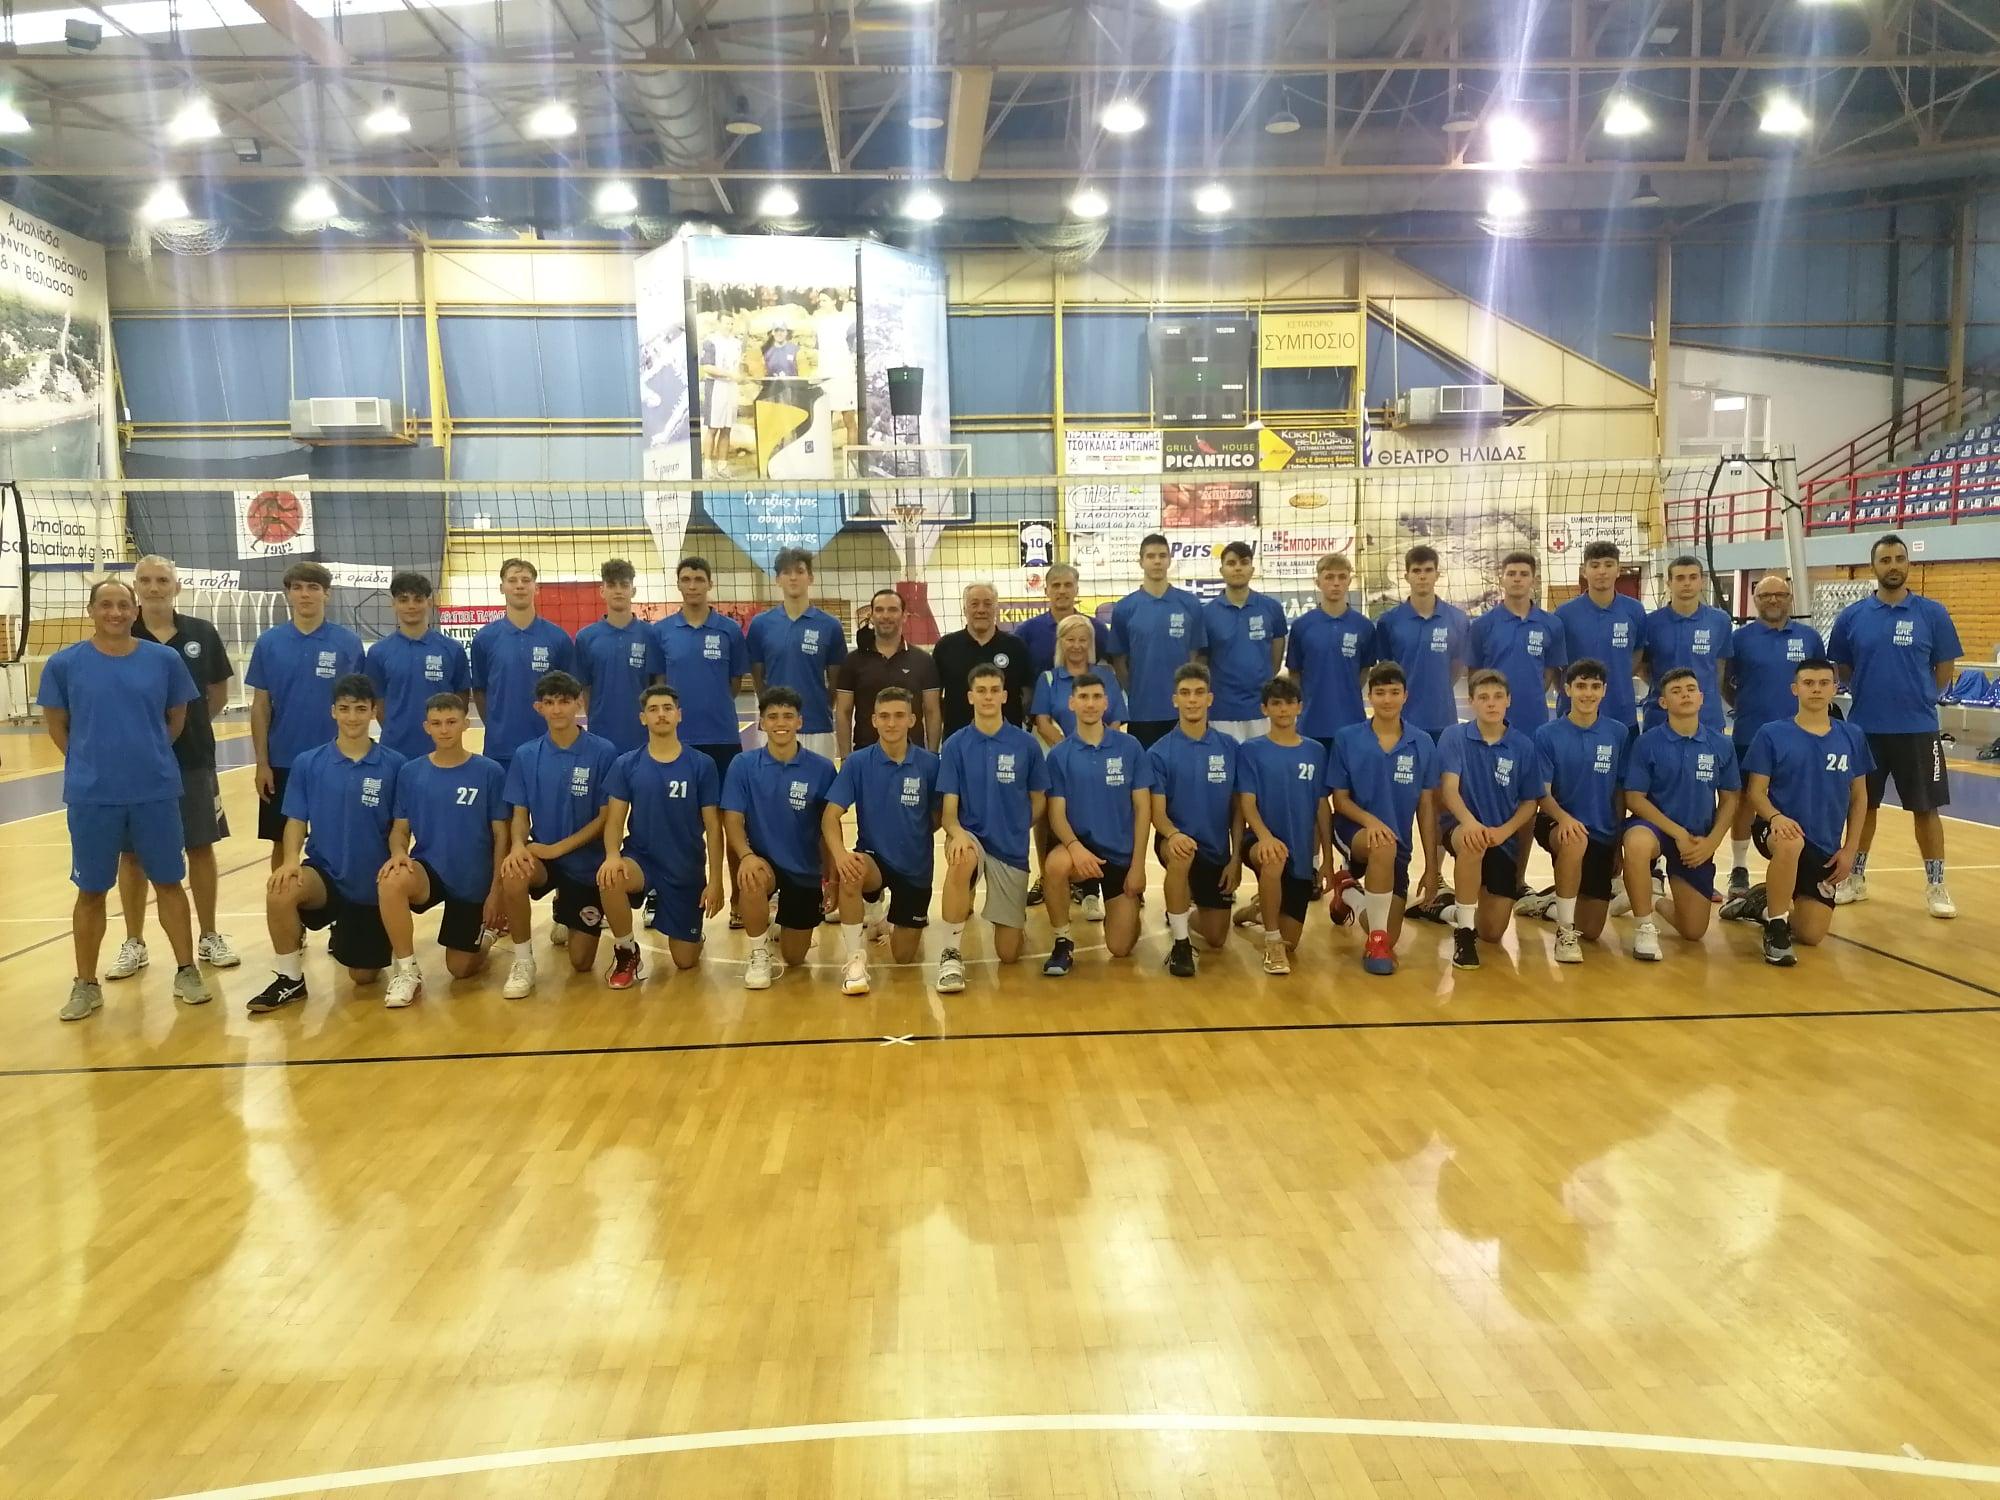 ΠΔΕ: Στην προετοιμασία της προεθνικής ομάδας βόλεϊ Παμπαίδων παραβρέθηκε ο Αντιπεριφερειάρχης Αθλητισμού, Εθελοντισμού και Ολυμπισμού Δημήτρης Νικολακόπουλος